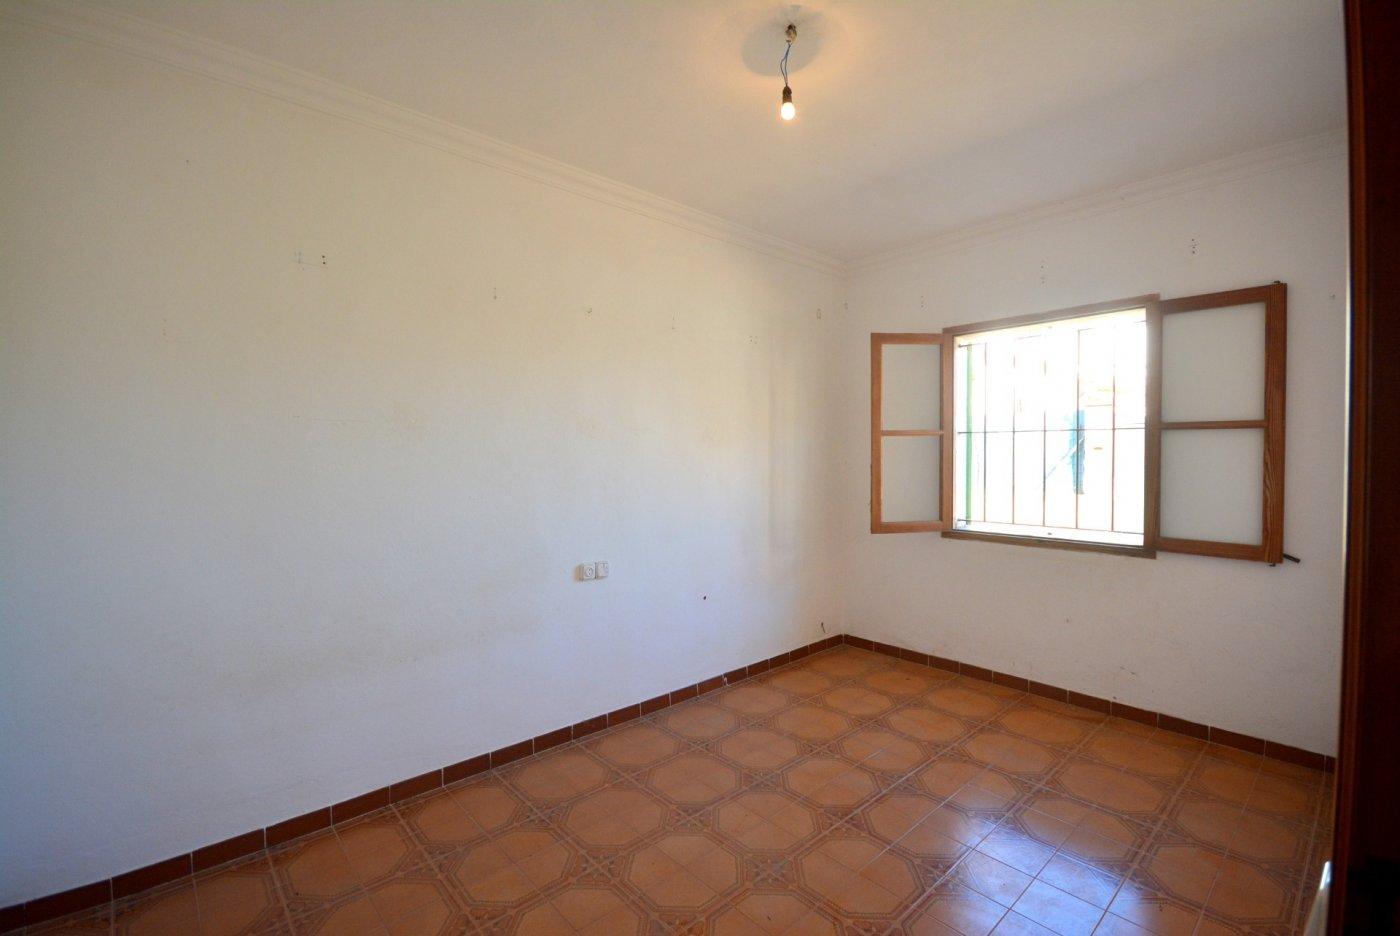 Casa techo libre con terreno de 385m2, zona santa maría - imagenInmueble17